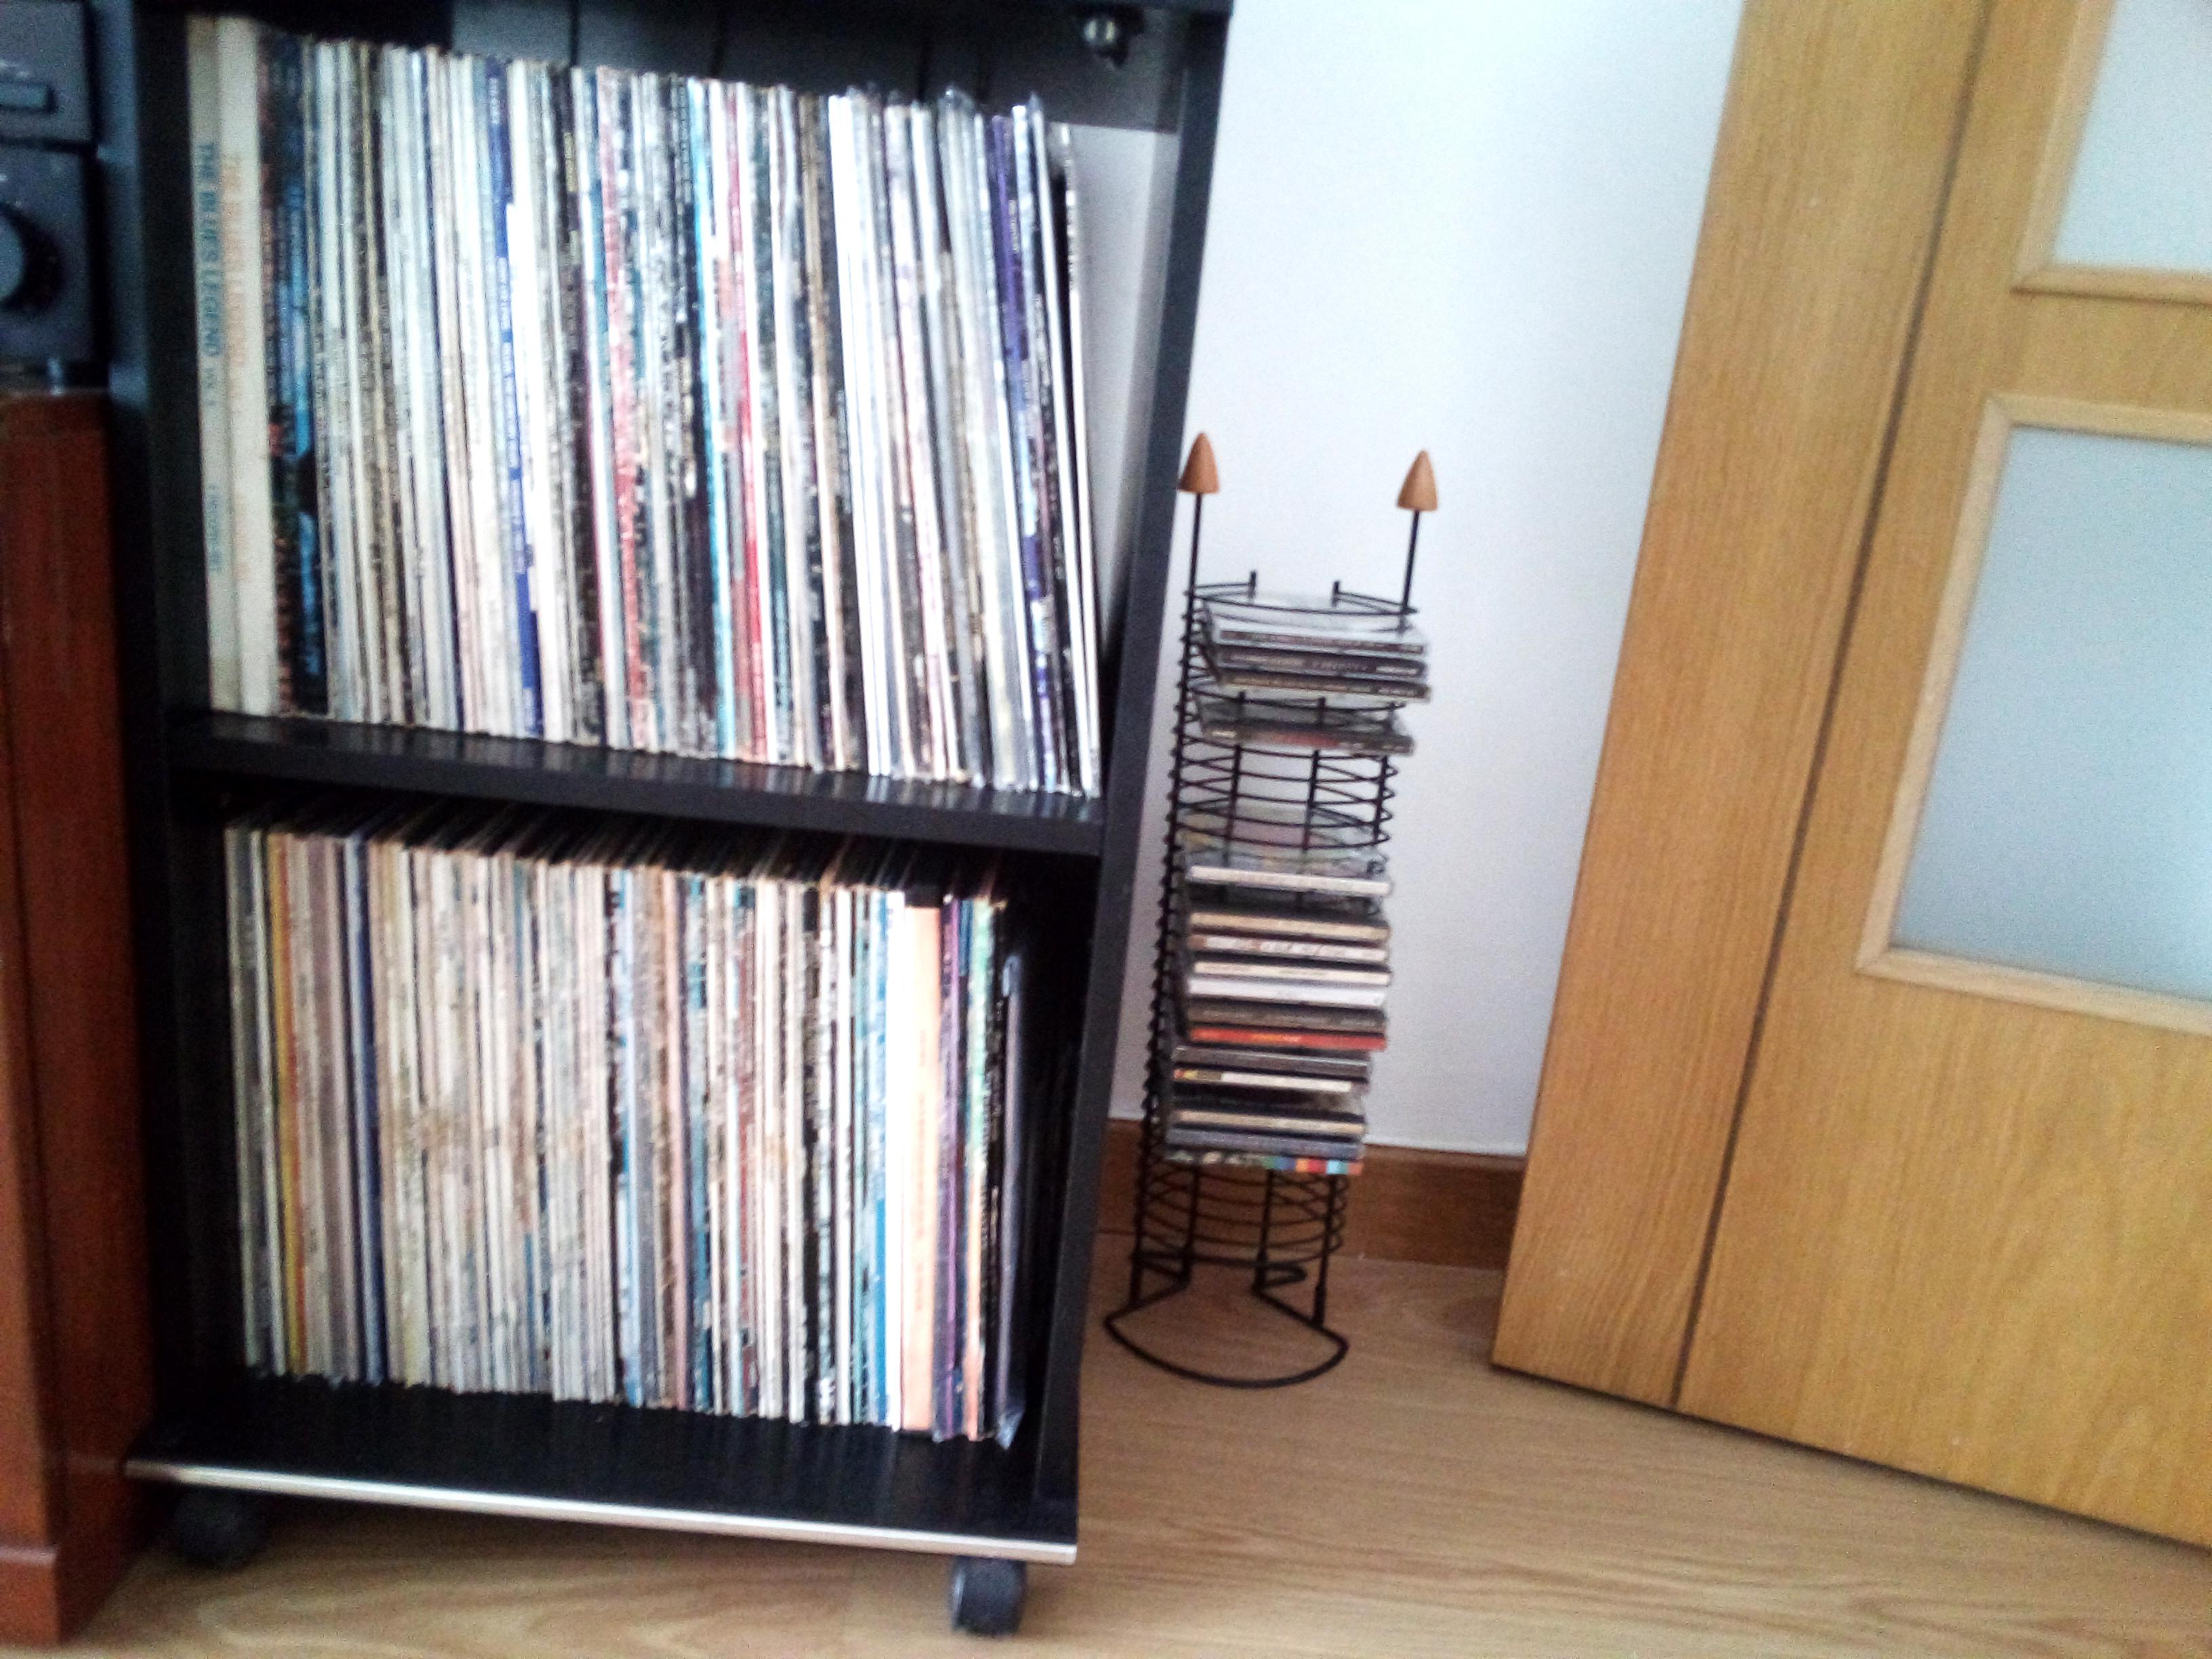 ¿Te arrepientes del dinero y tiempo invertidos en tu colección de discos? - Página 16 50eebfb7068da7e534746e422a30802ao